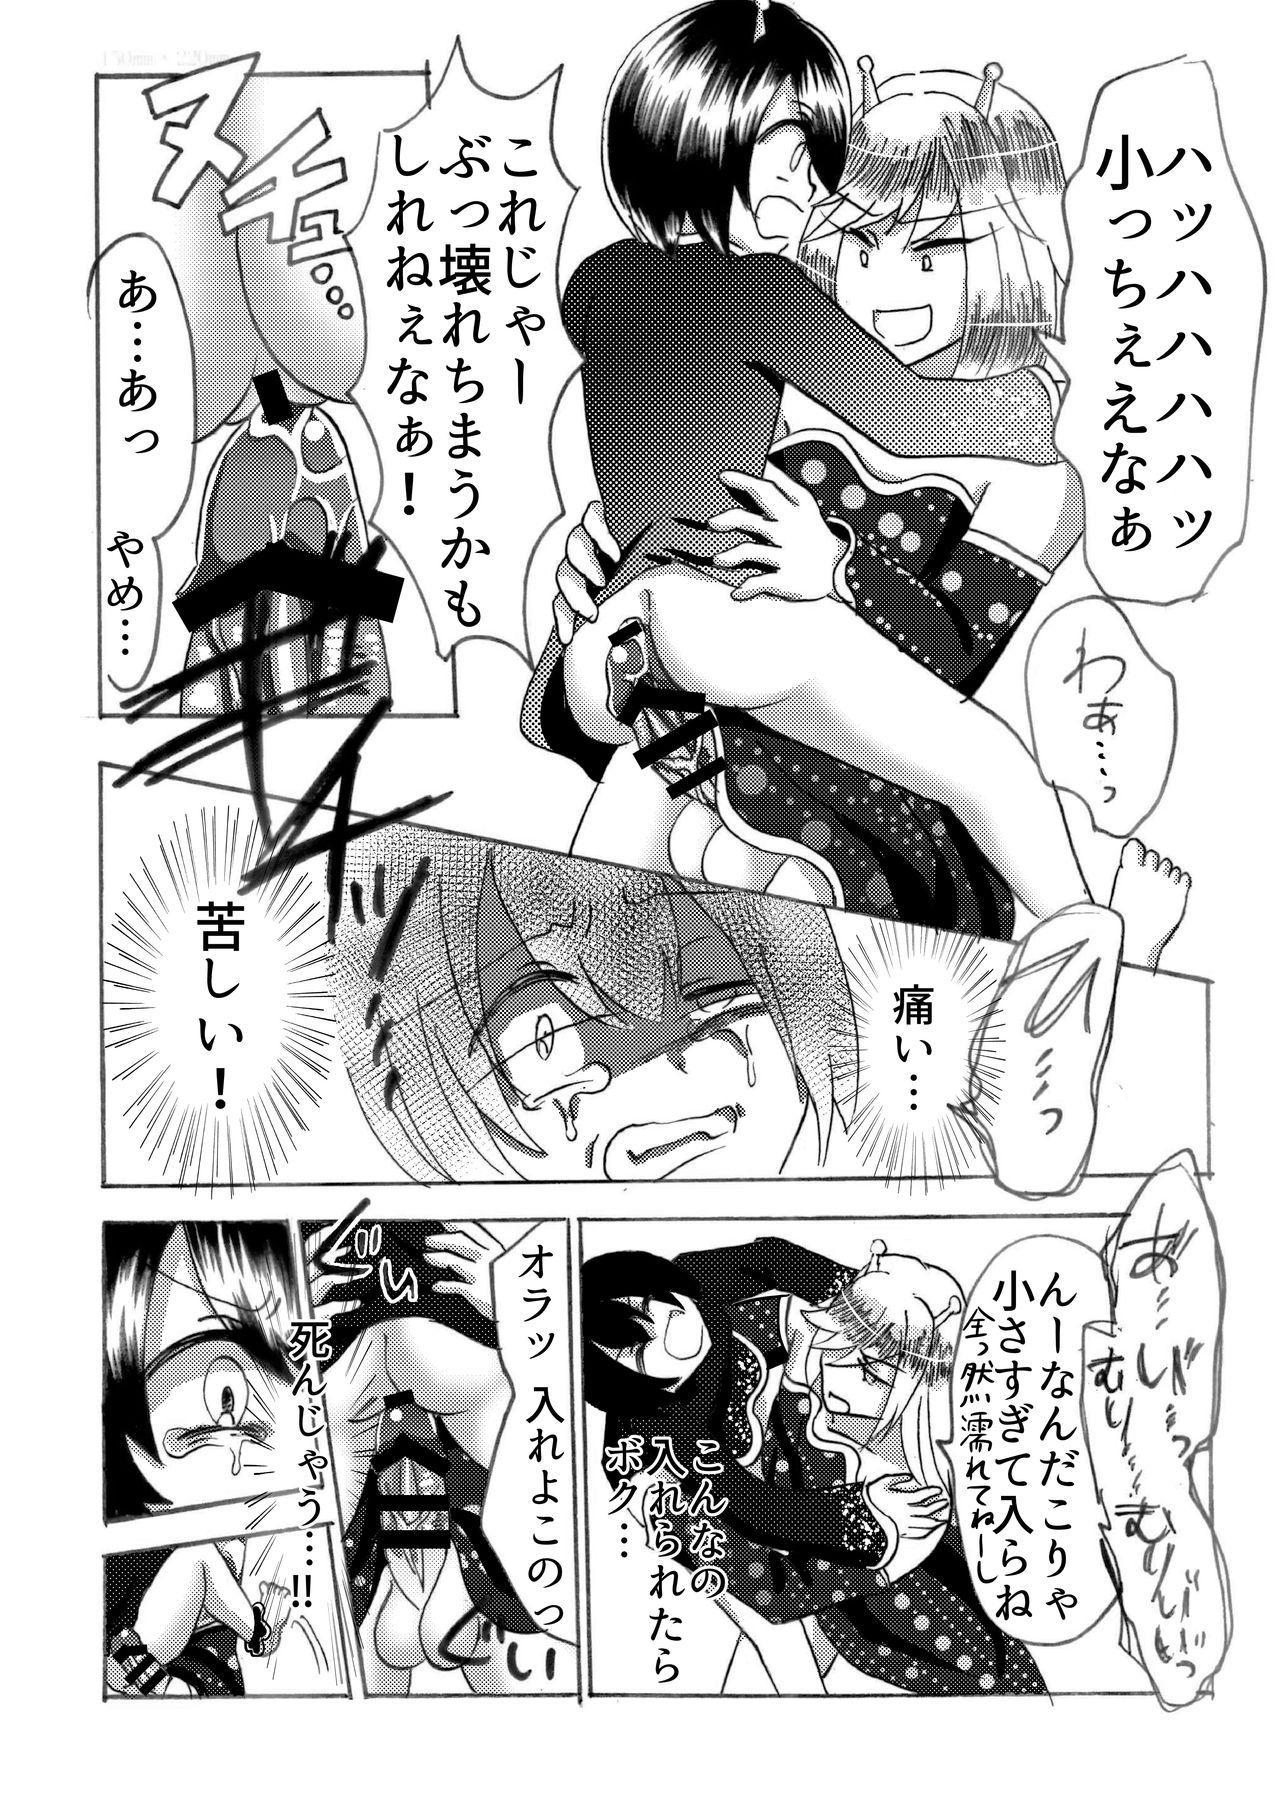 Hira-zoku no Hanashi 12